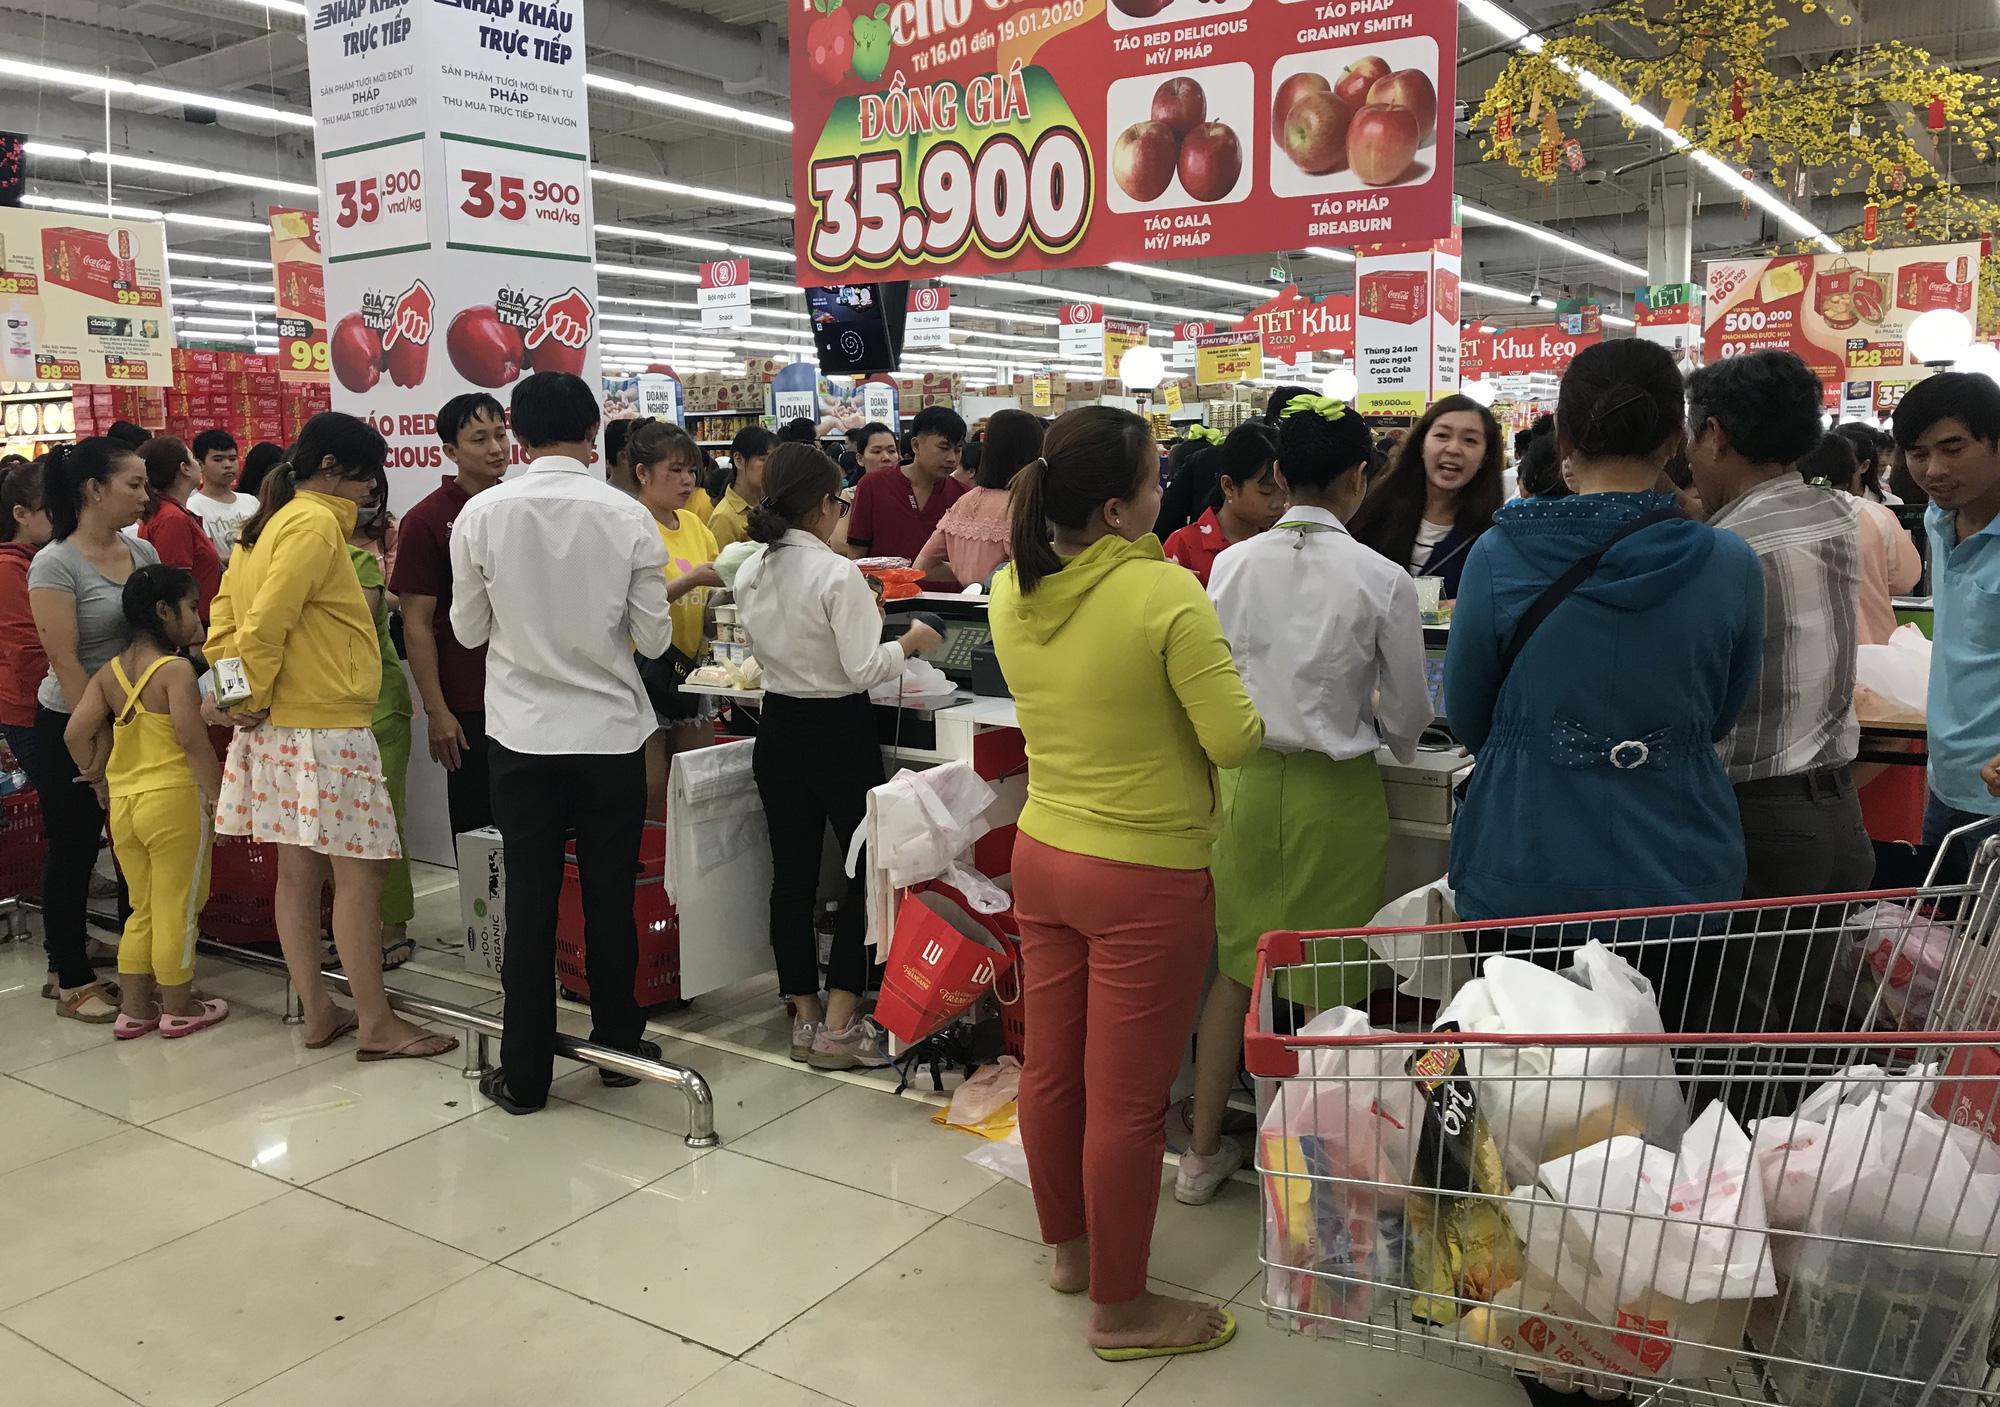 Người Sài Gòn vét sạch siêu thị trước Tết, người lớn xếp hàng chờ cả tiếng, trẻ con mệt mỏi vật vờ - Ảnh 15.